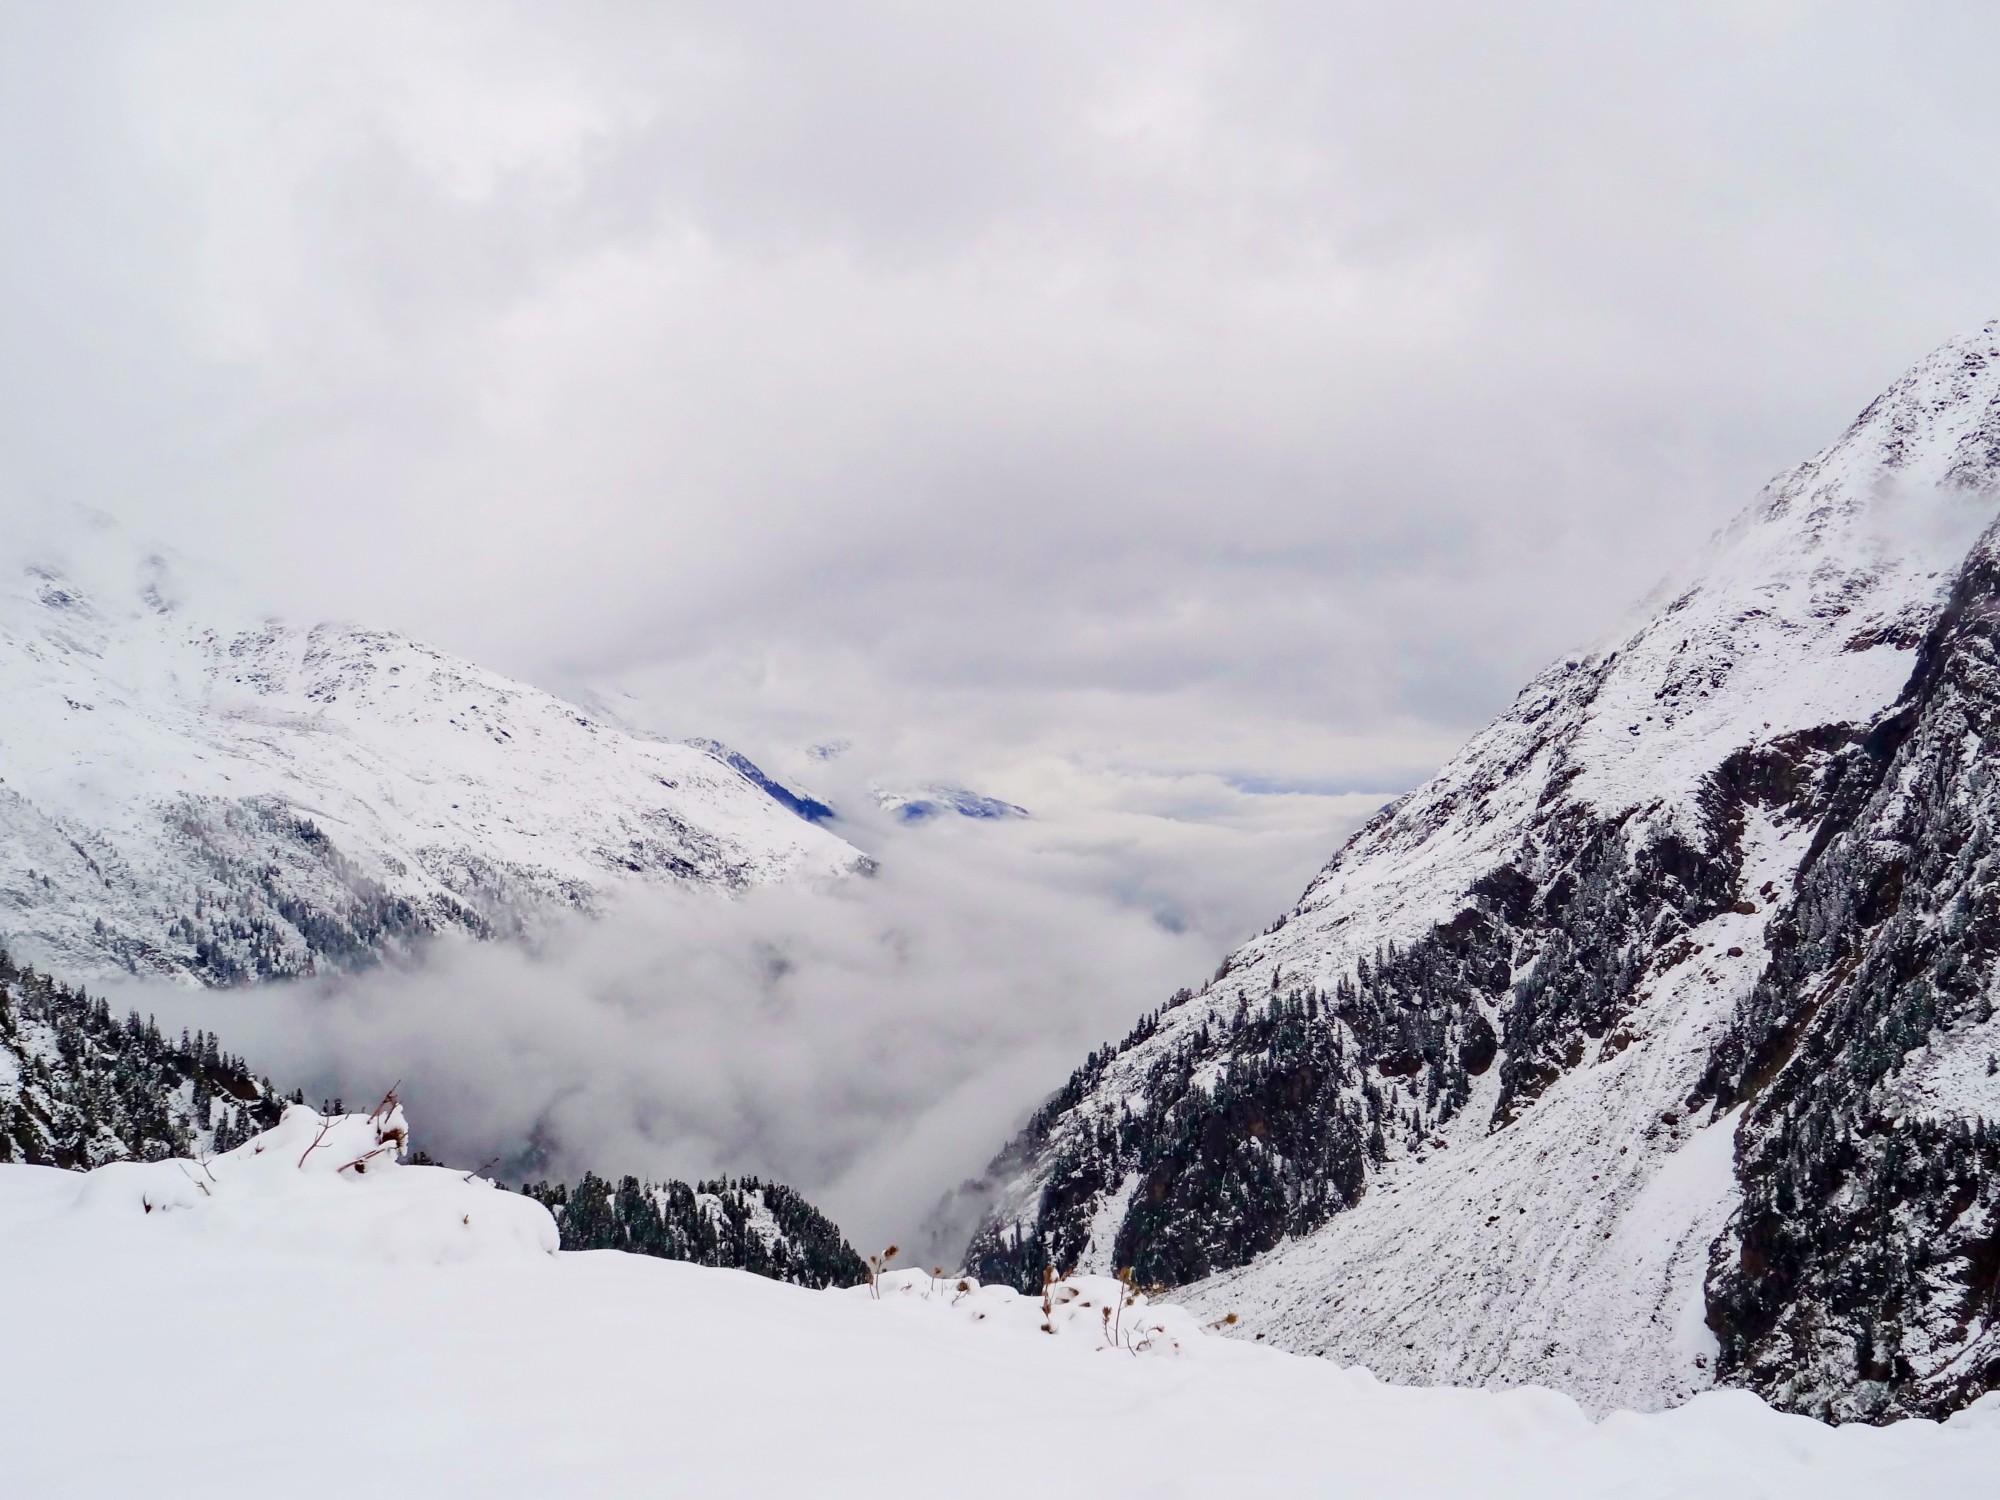 Blick ins Tal bei Schnee